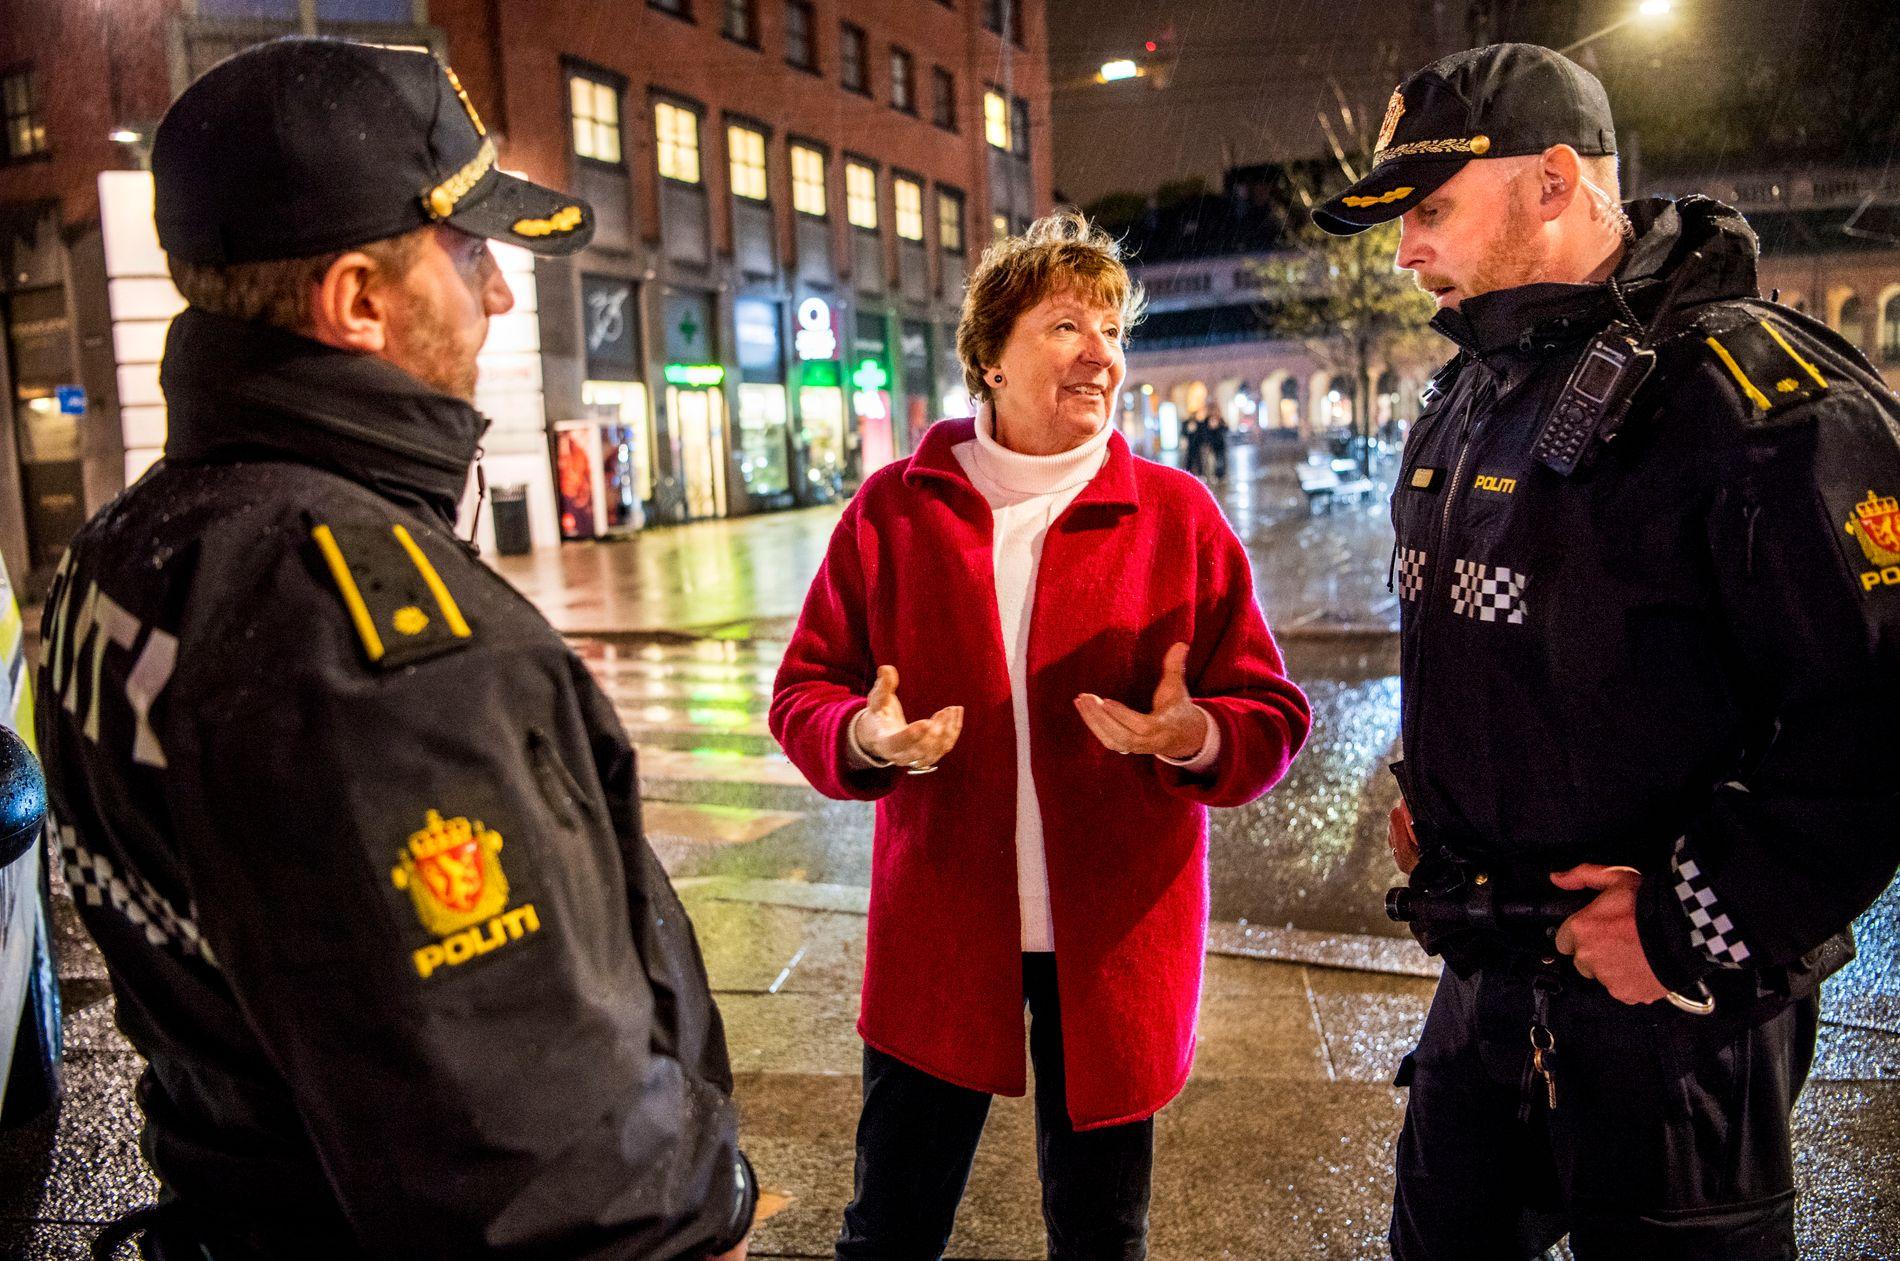 NATTPATRULJE: Ordfører Marianne Borgen ble med divisjonslederne Harald Frode Fredrickson (t. v.) og Edvard Danielsen ved Sentrum politistasjon på patruljering i Oslo natt til 1. mai.